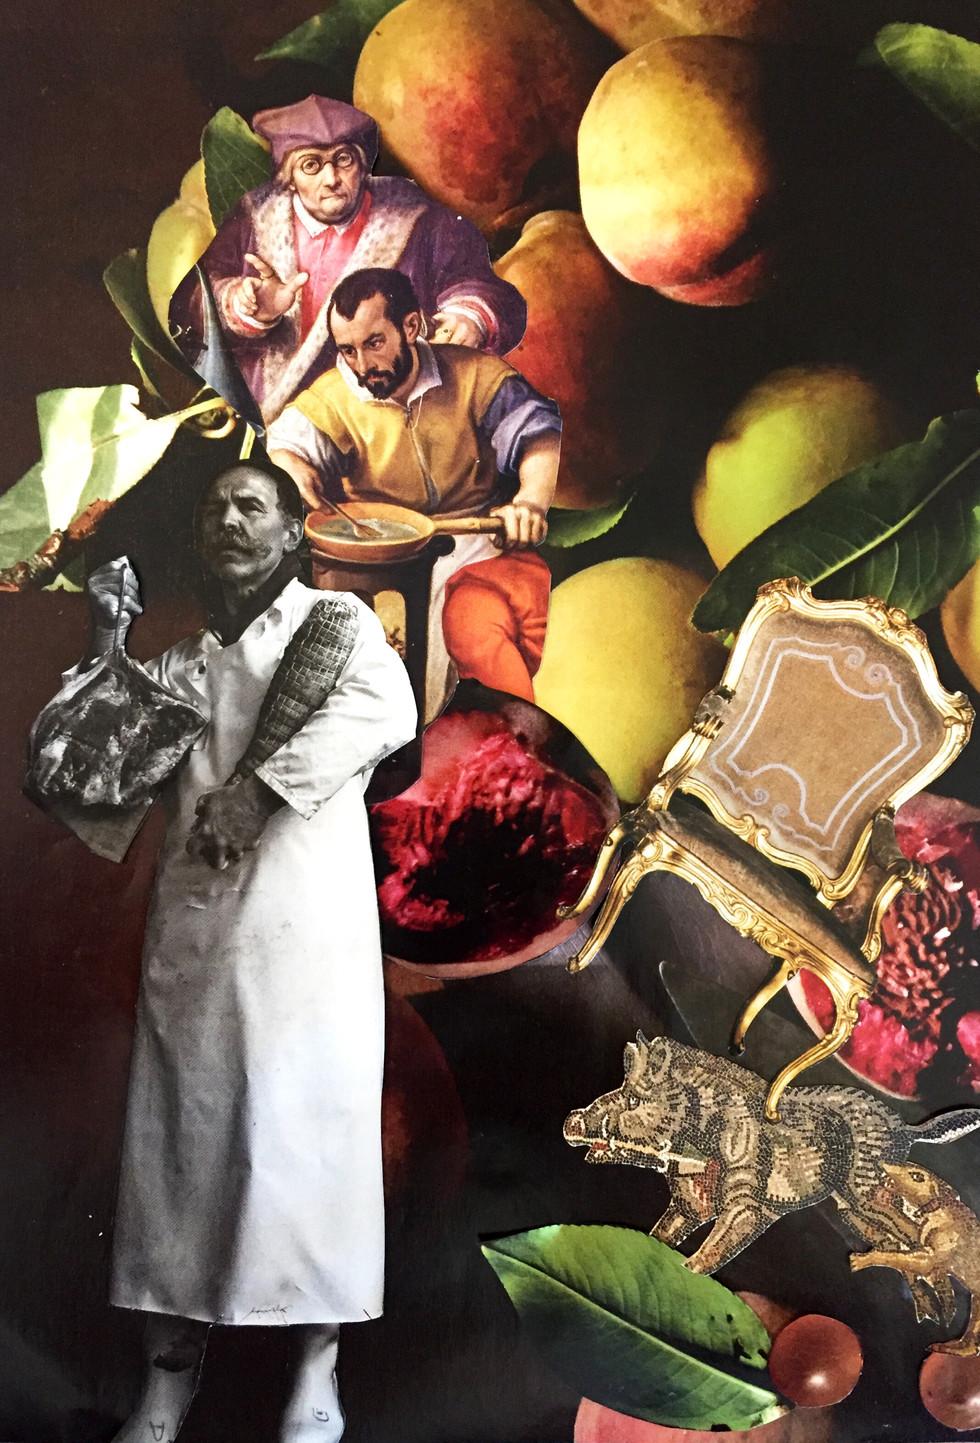 El cocinero, collage análogo 21 x 29 cm - Florencia Reid